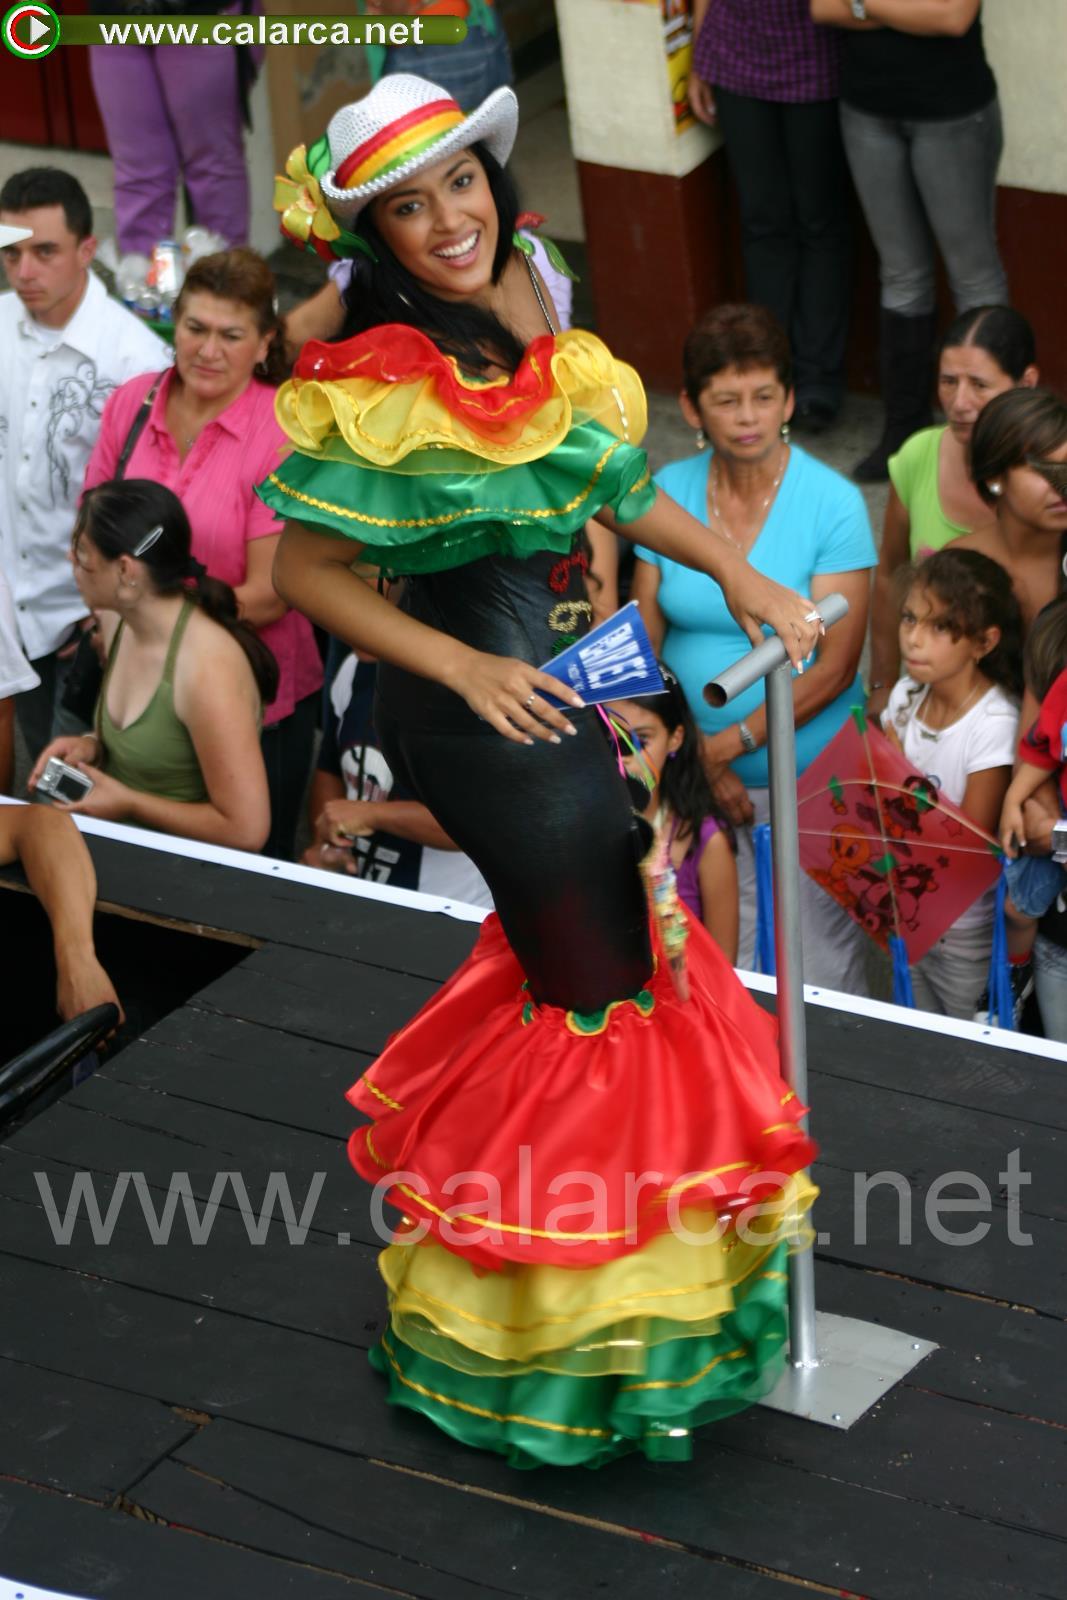 Barranquilla - Grace Márquez Gutiérrez